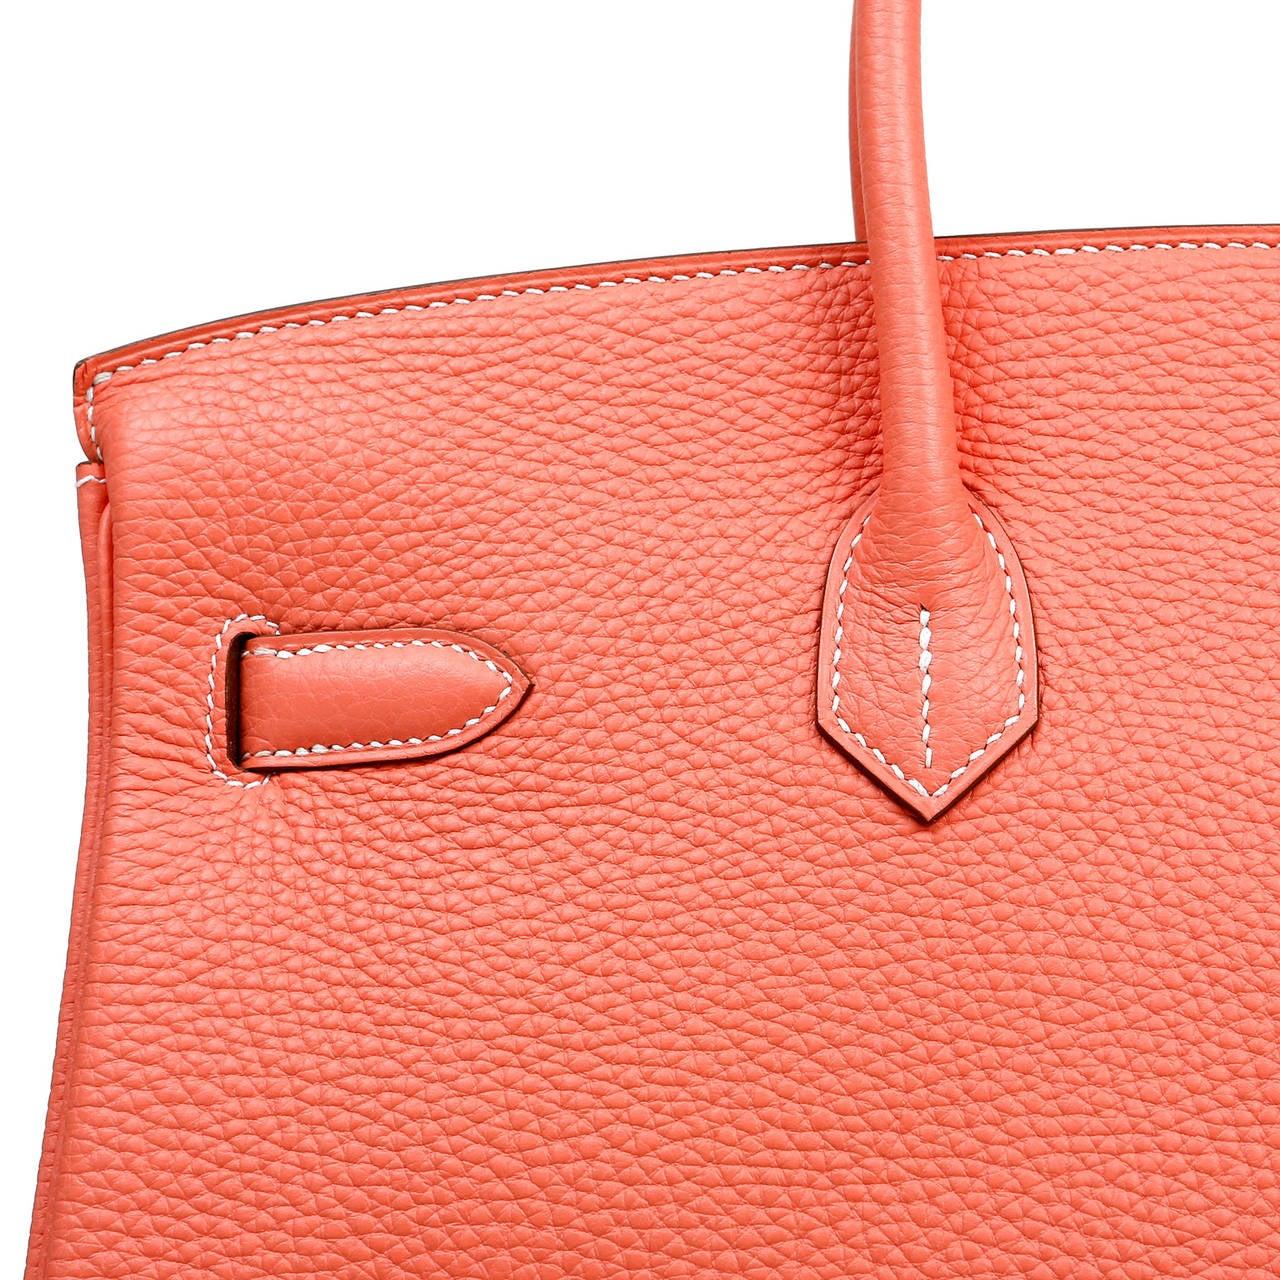 Hermes Crevette Togo 35 cm Birkin Bag- Salmon Pink Color 10